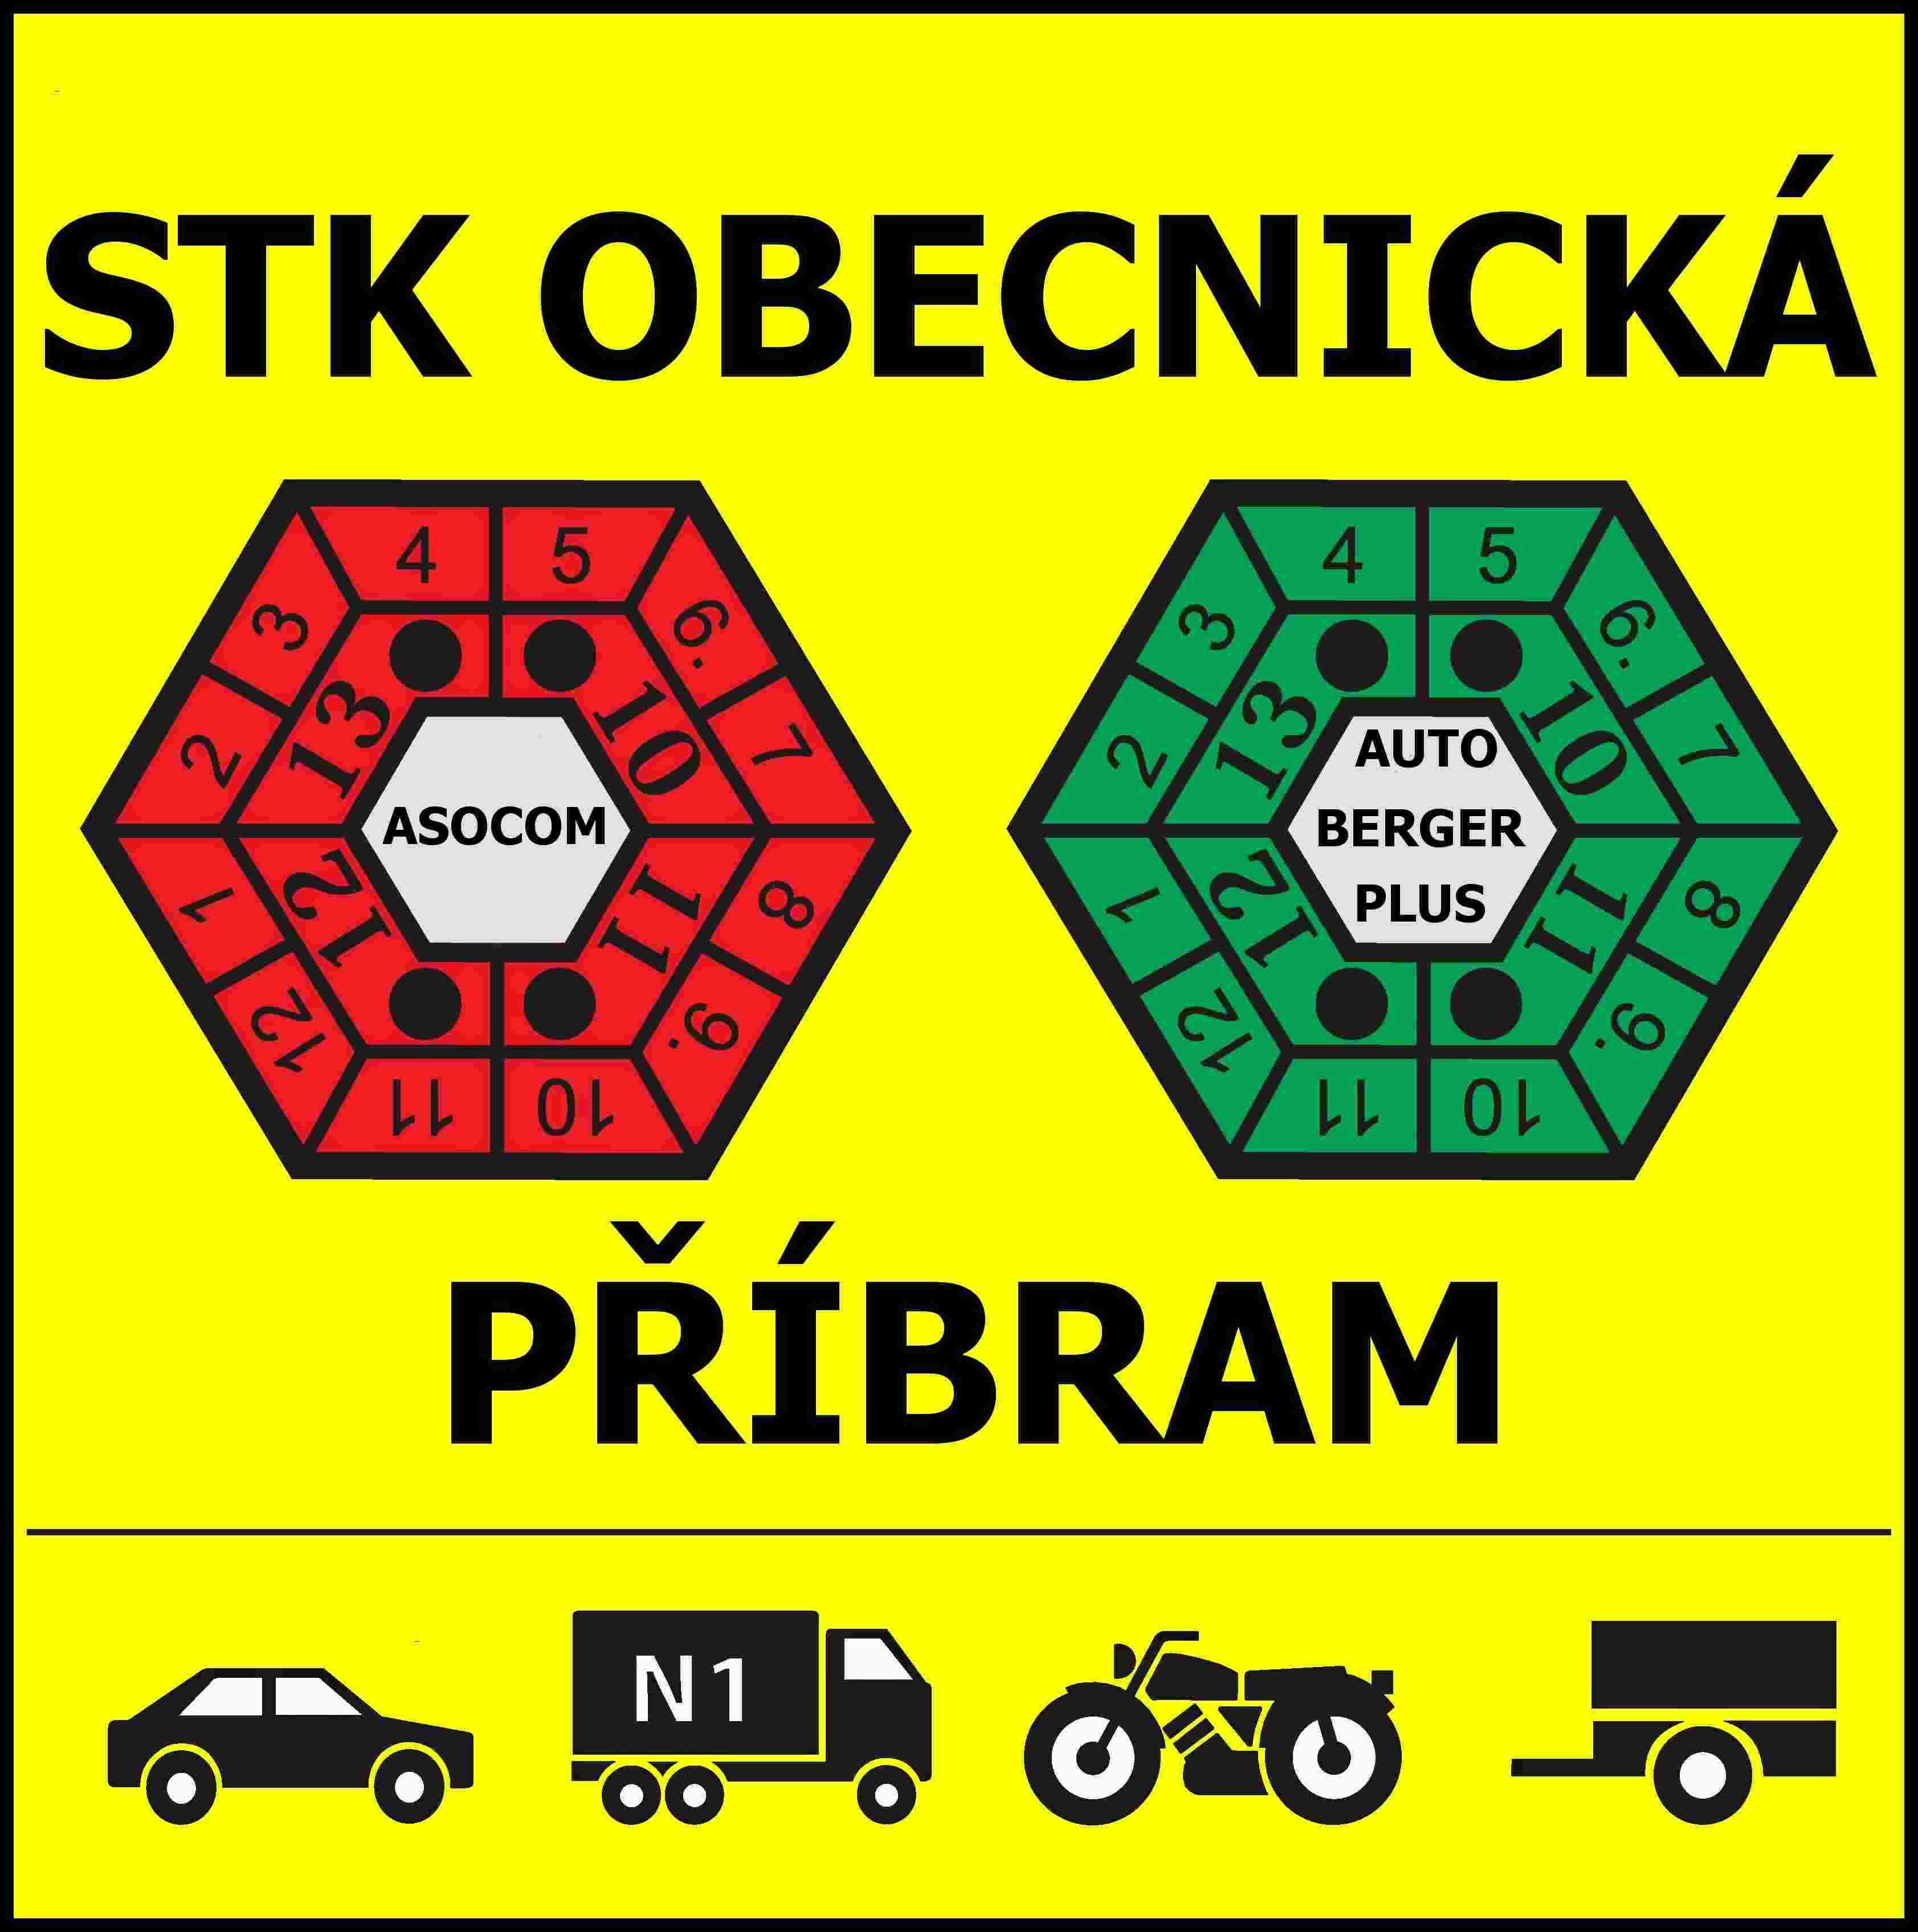 STK Obecnická - Příbram